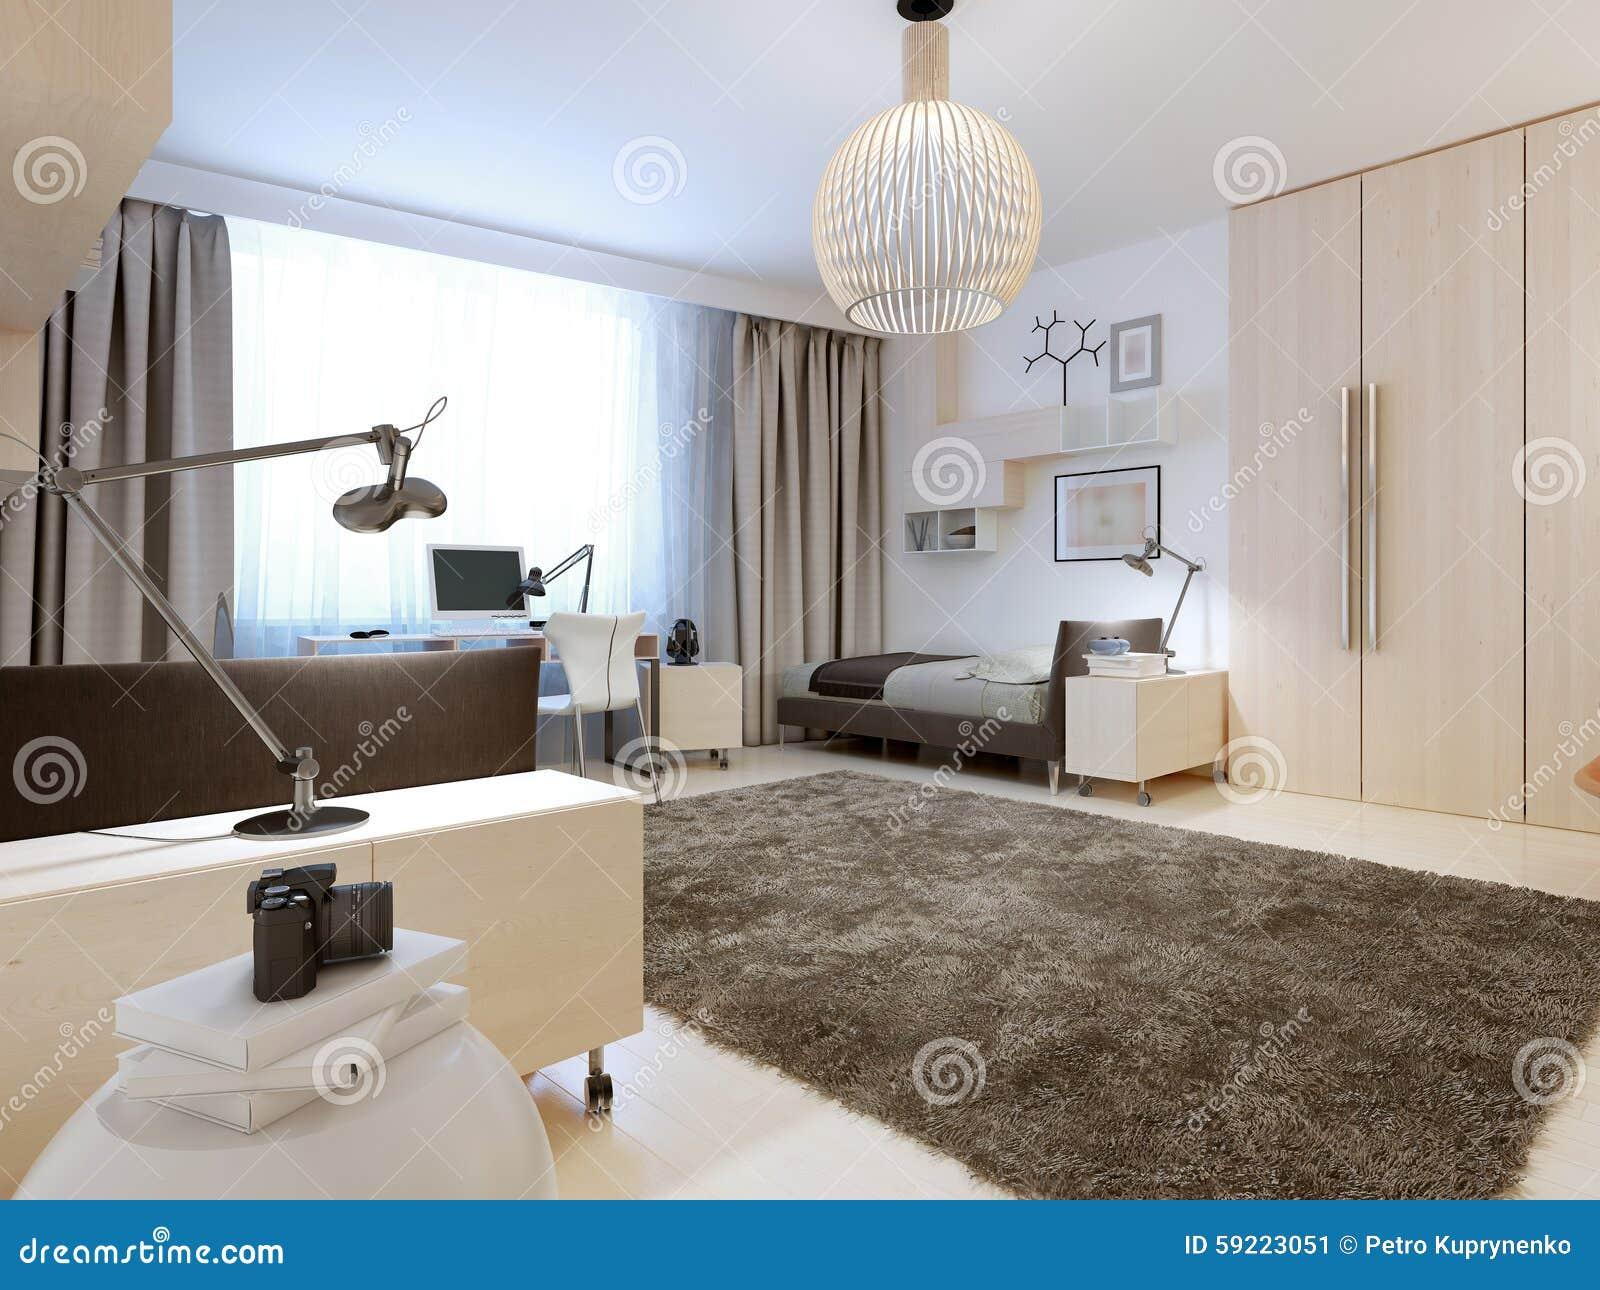 Camera da letto contemporanea stock images 383 photos - Camera da letto contemporanea ...